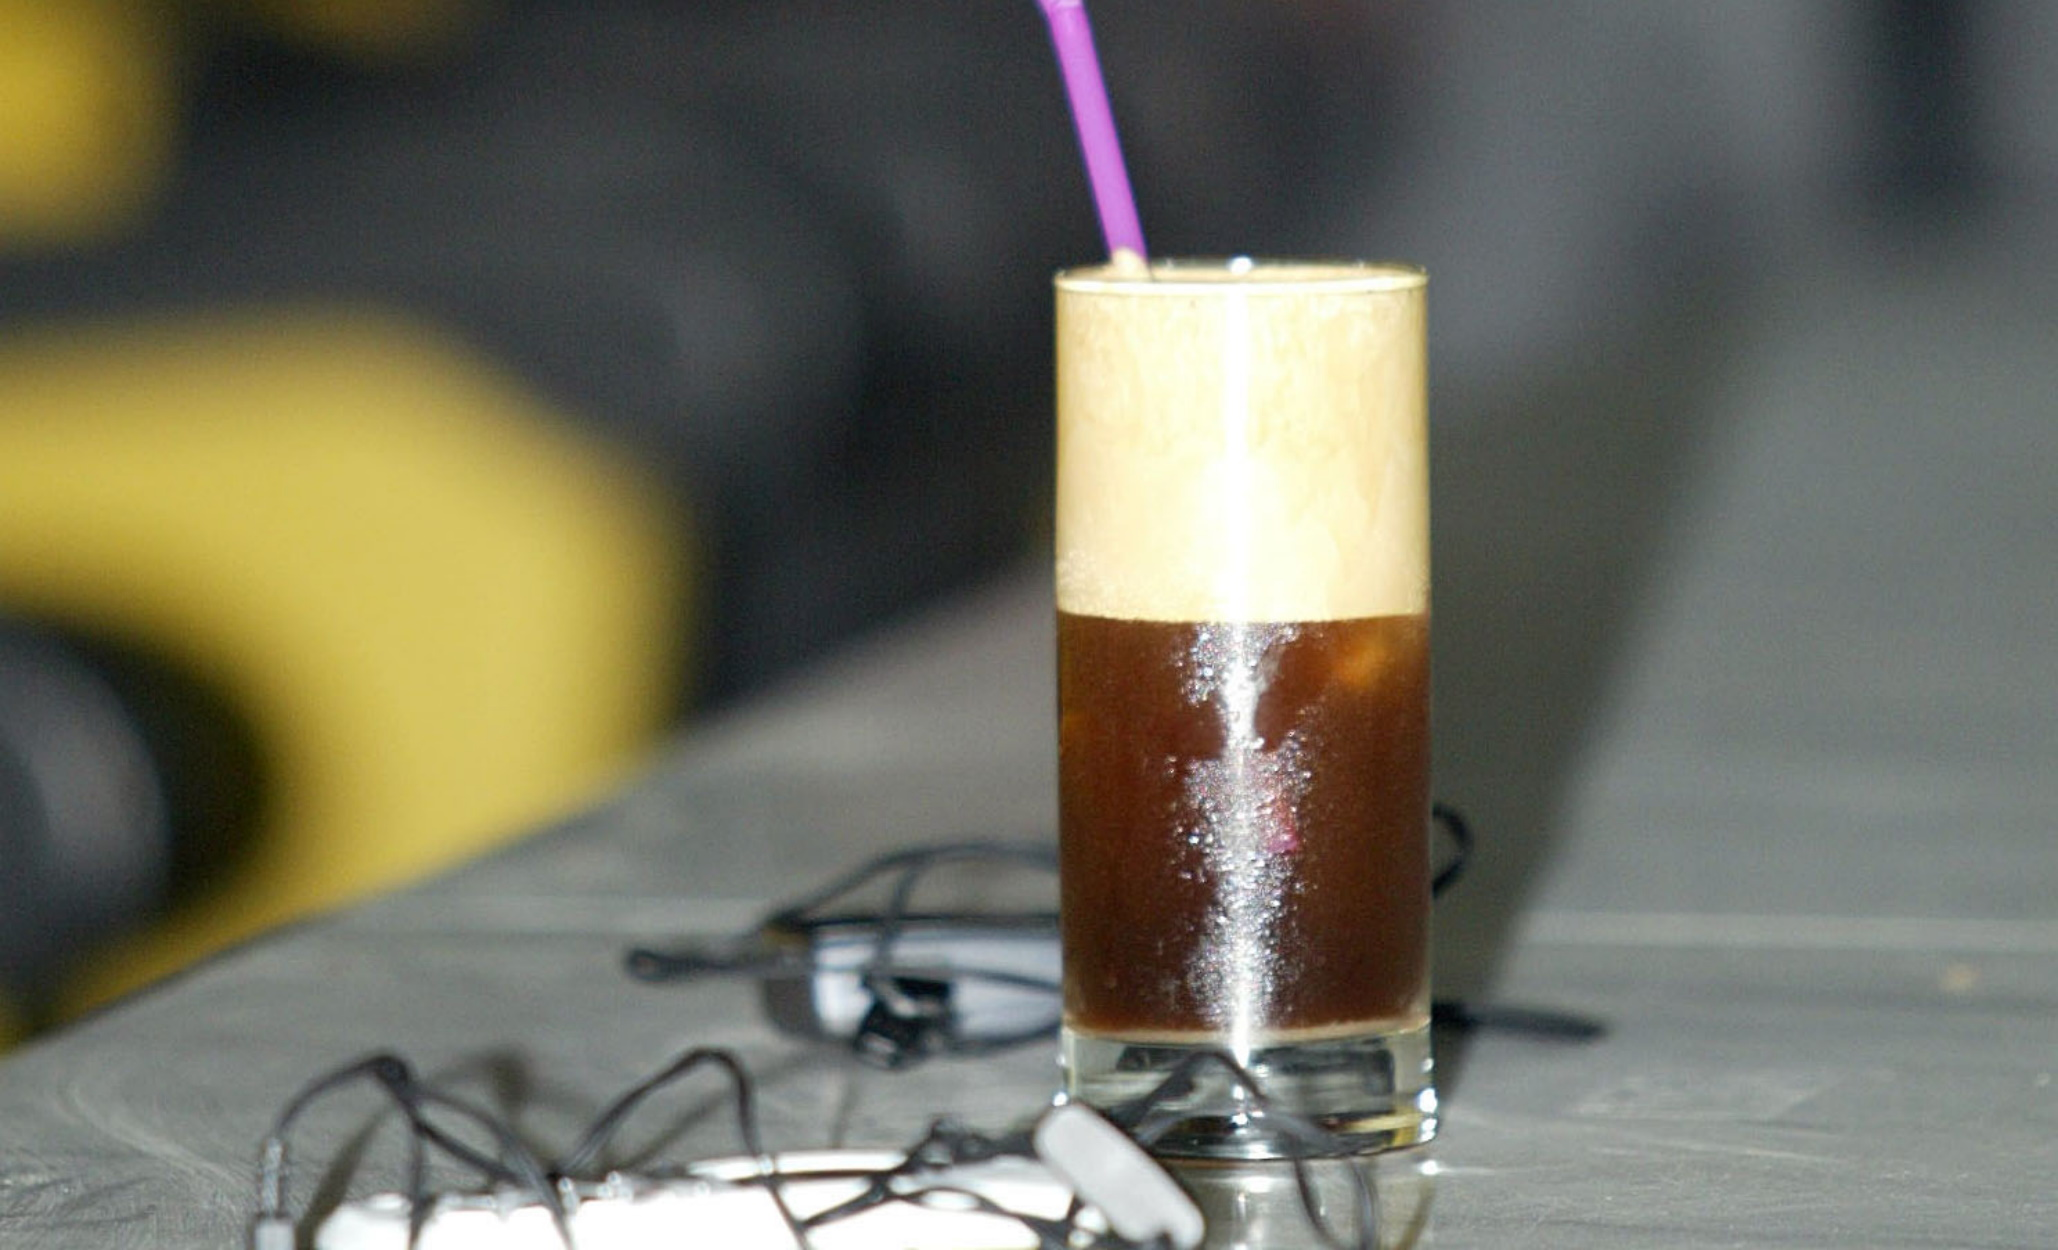 Αυτά είναι τα απρόσμενα οφέλη του καφέ φραπέ στην υγεία σας!